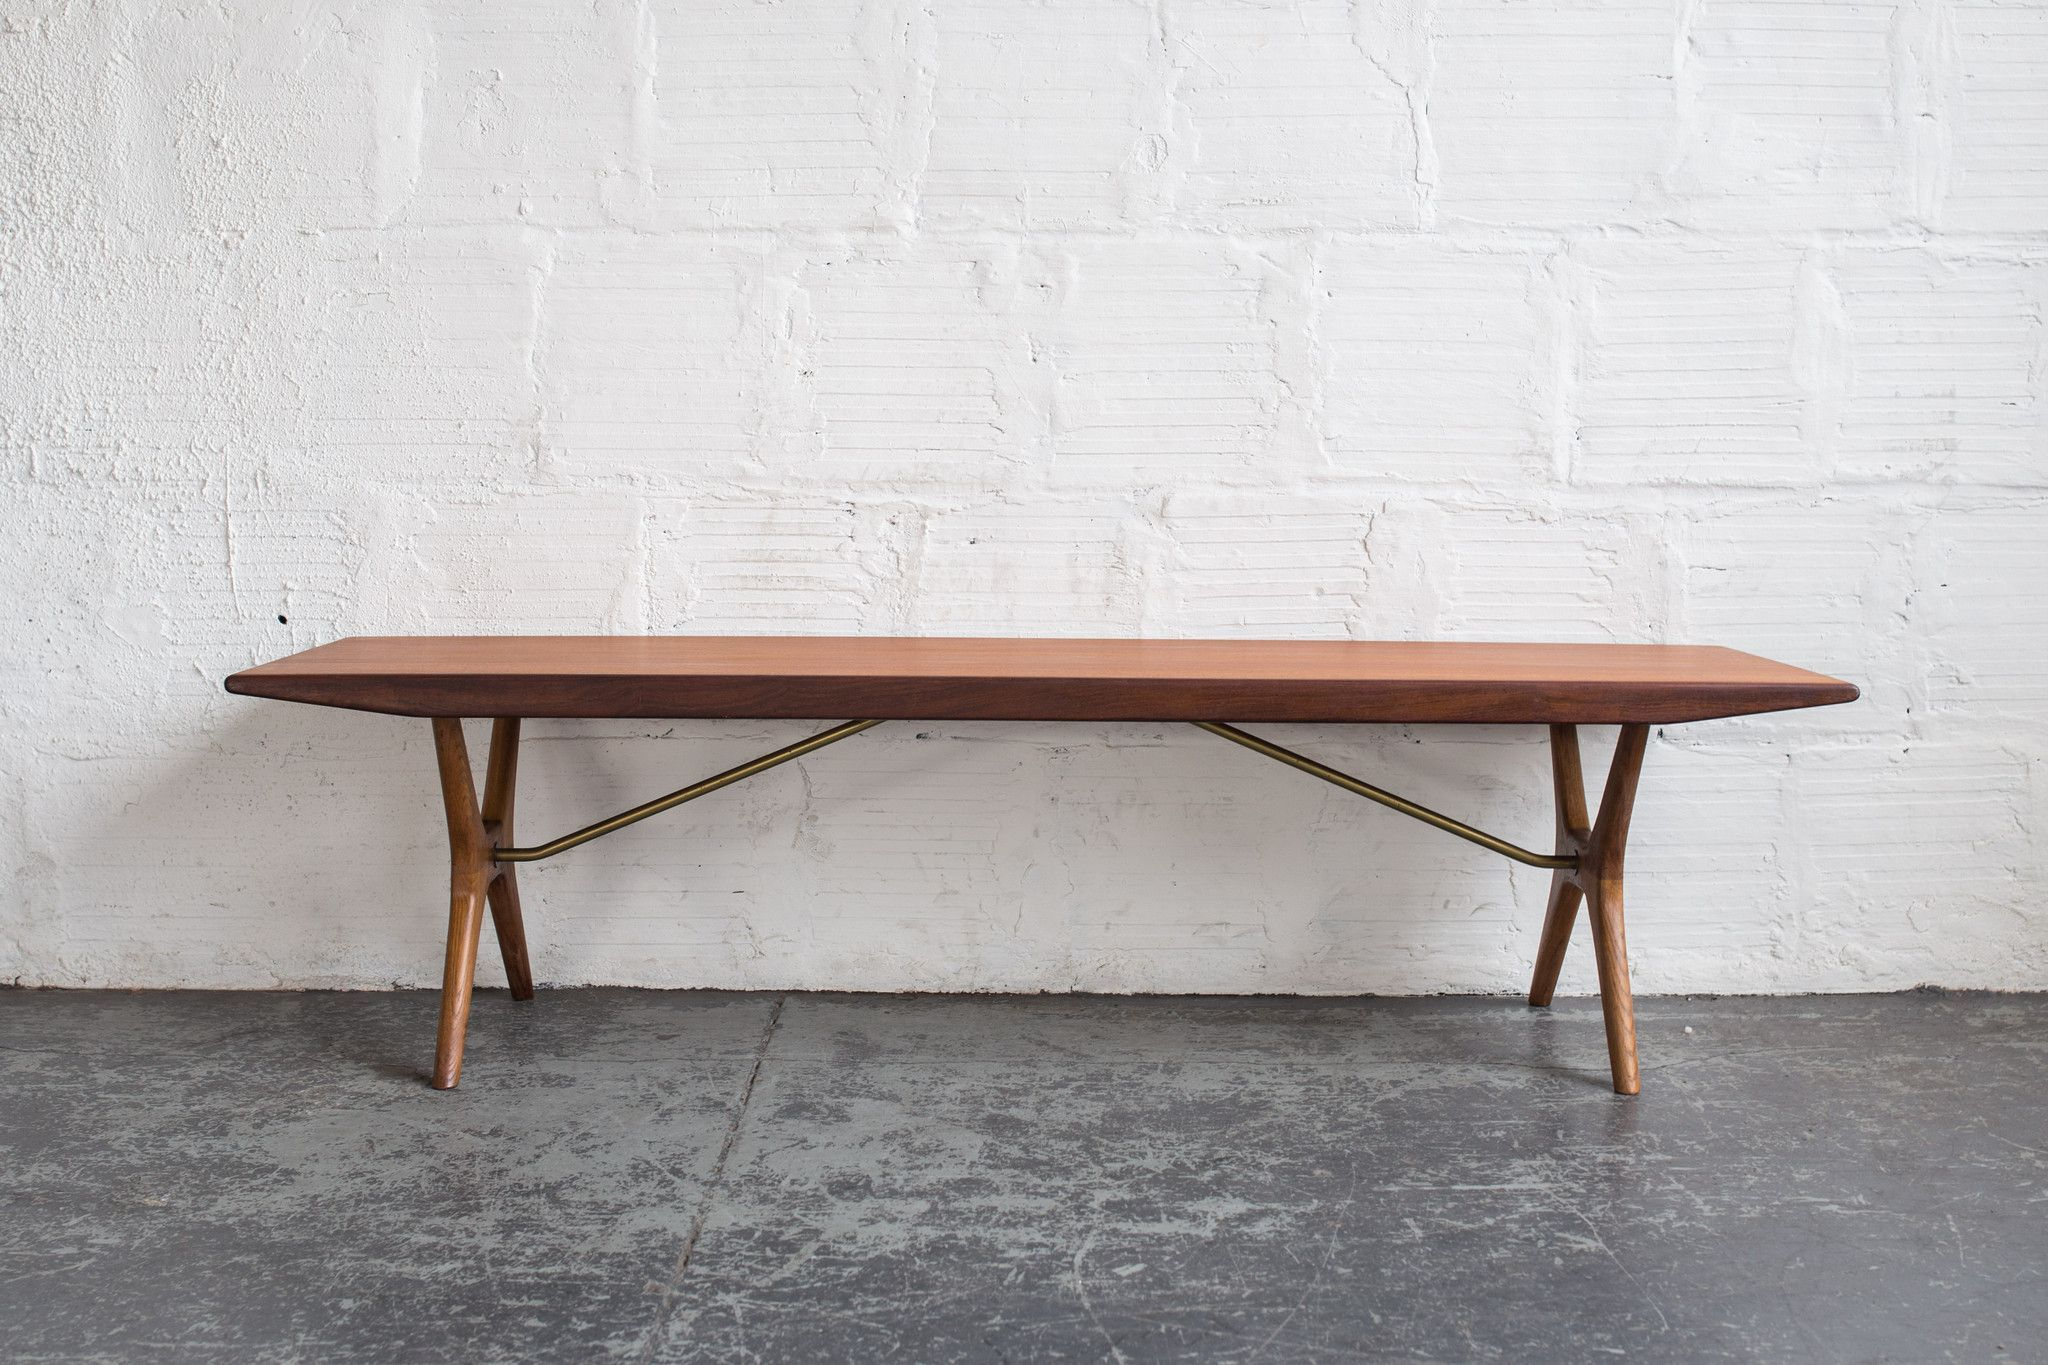 Incroyable De Table Basse 515 Schème